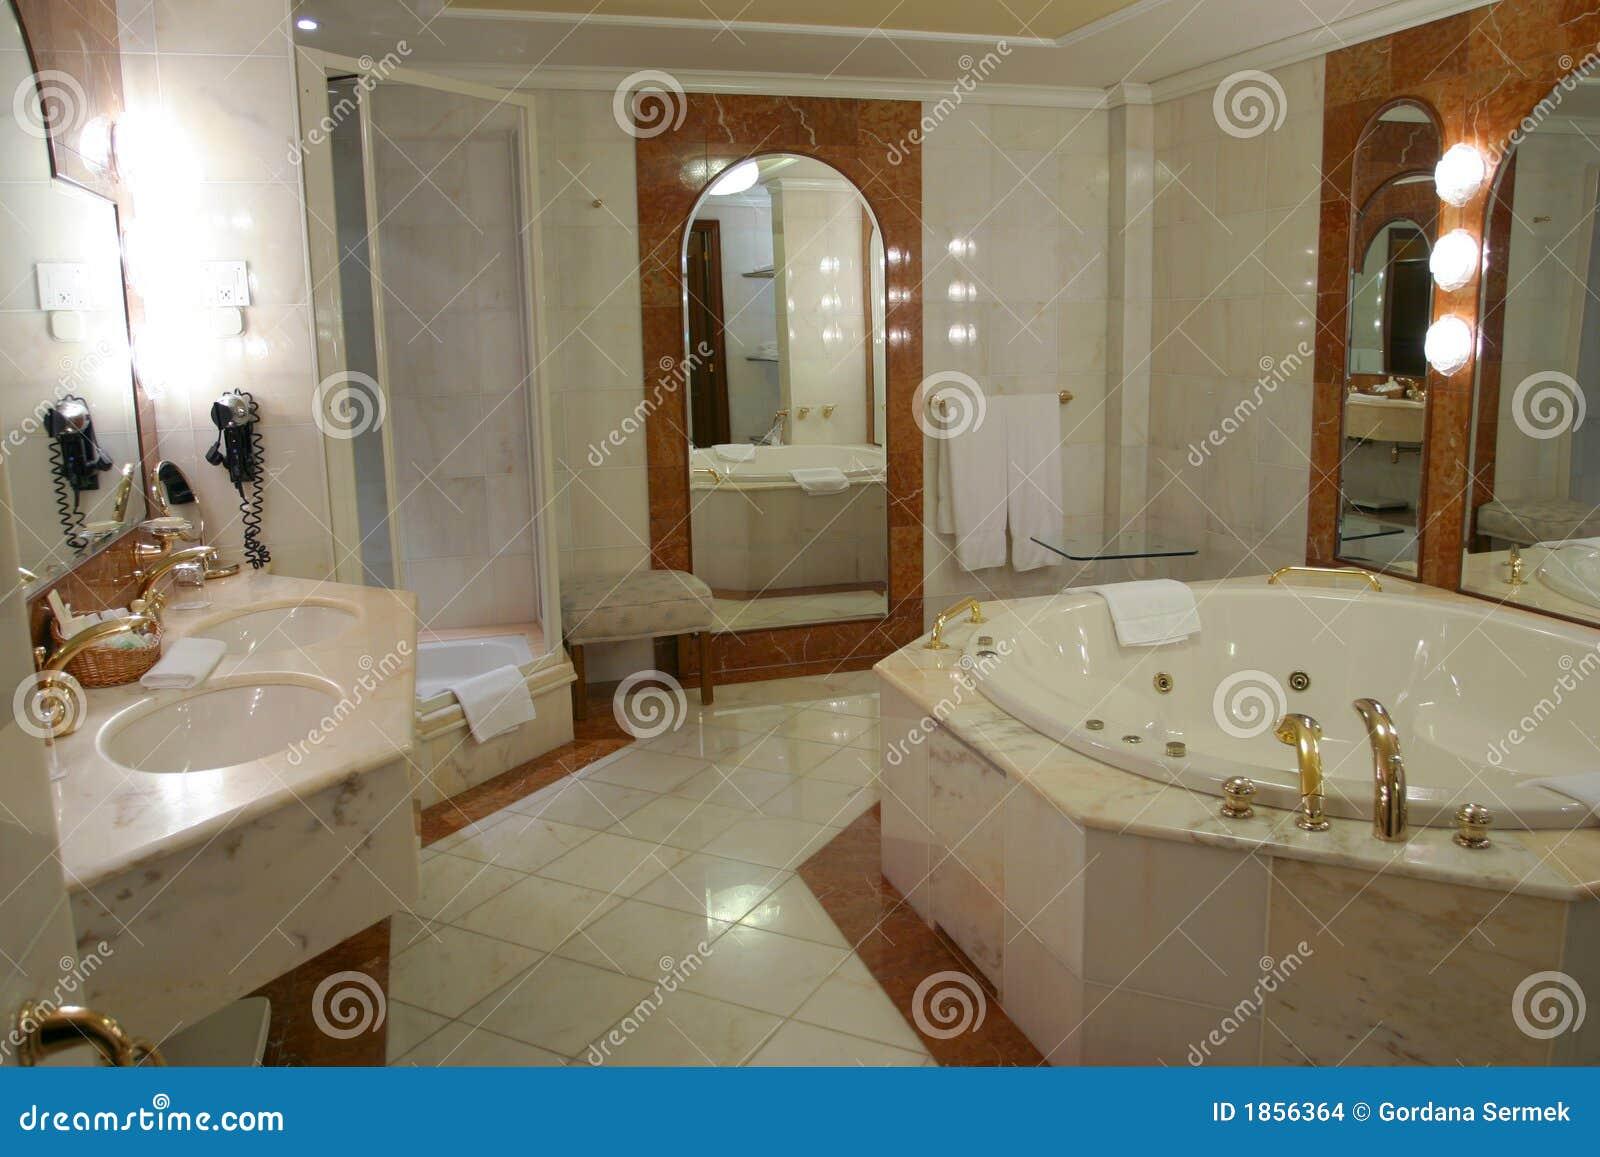 salle de bains moderne et spacieuse images stock image 1856364. Black Bedroom Furniture Sets. Home Design Ideas